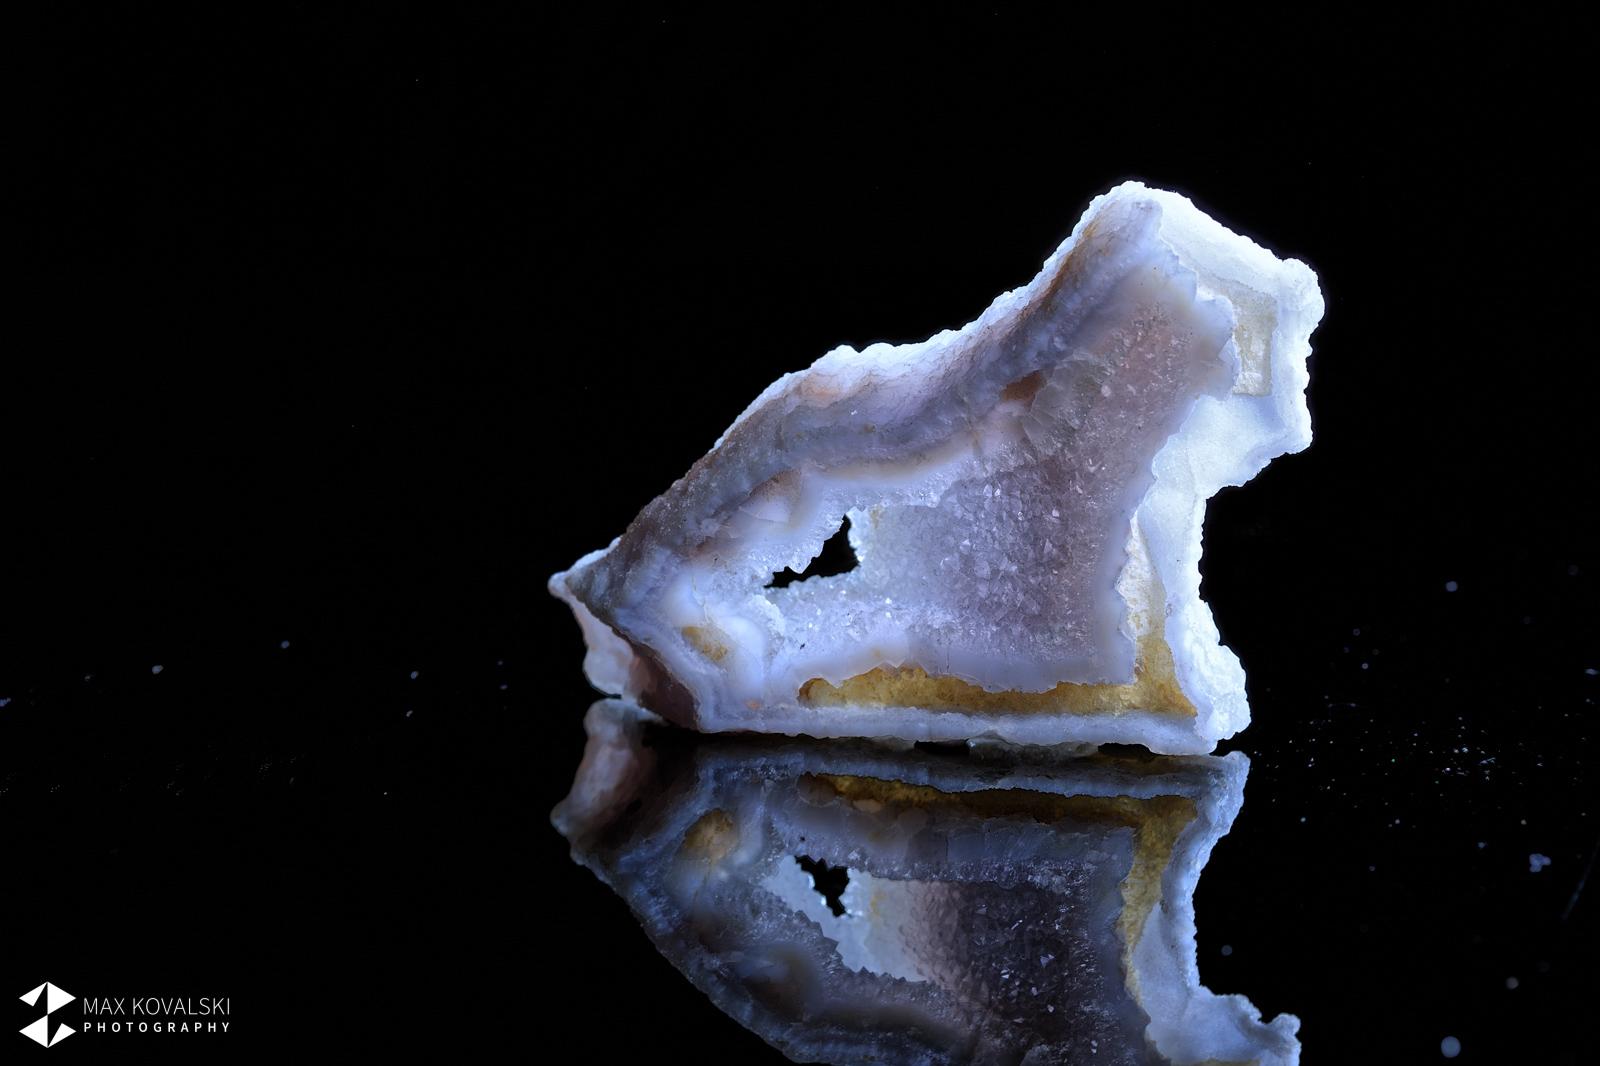 פריט יפהפה של אגת תחרה-כחולה גולמית. צילום: מקס קובלסקי Photo by Max Kovalski www.maxkov.com